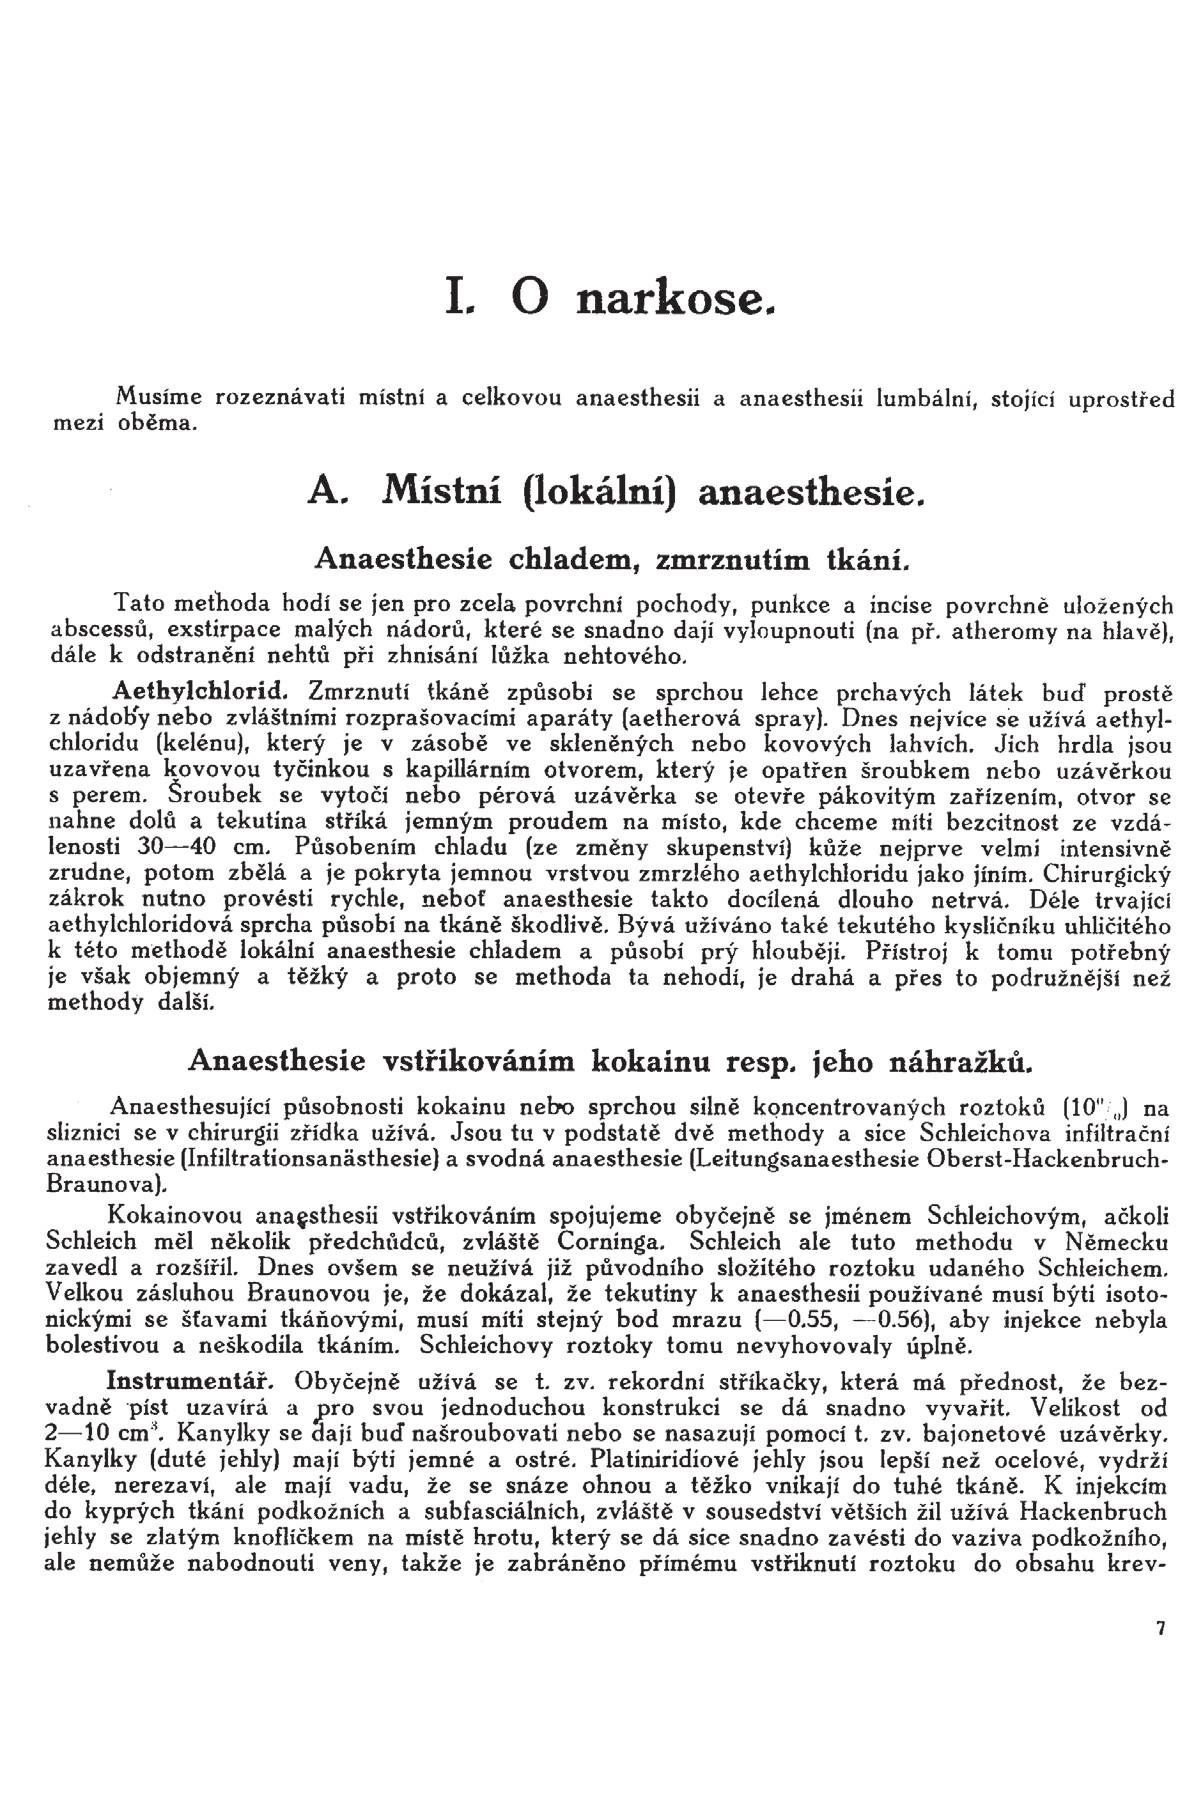 Stránka 7 z učebnice chirurgie z r. 1921